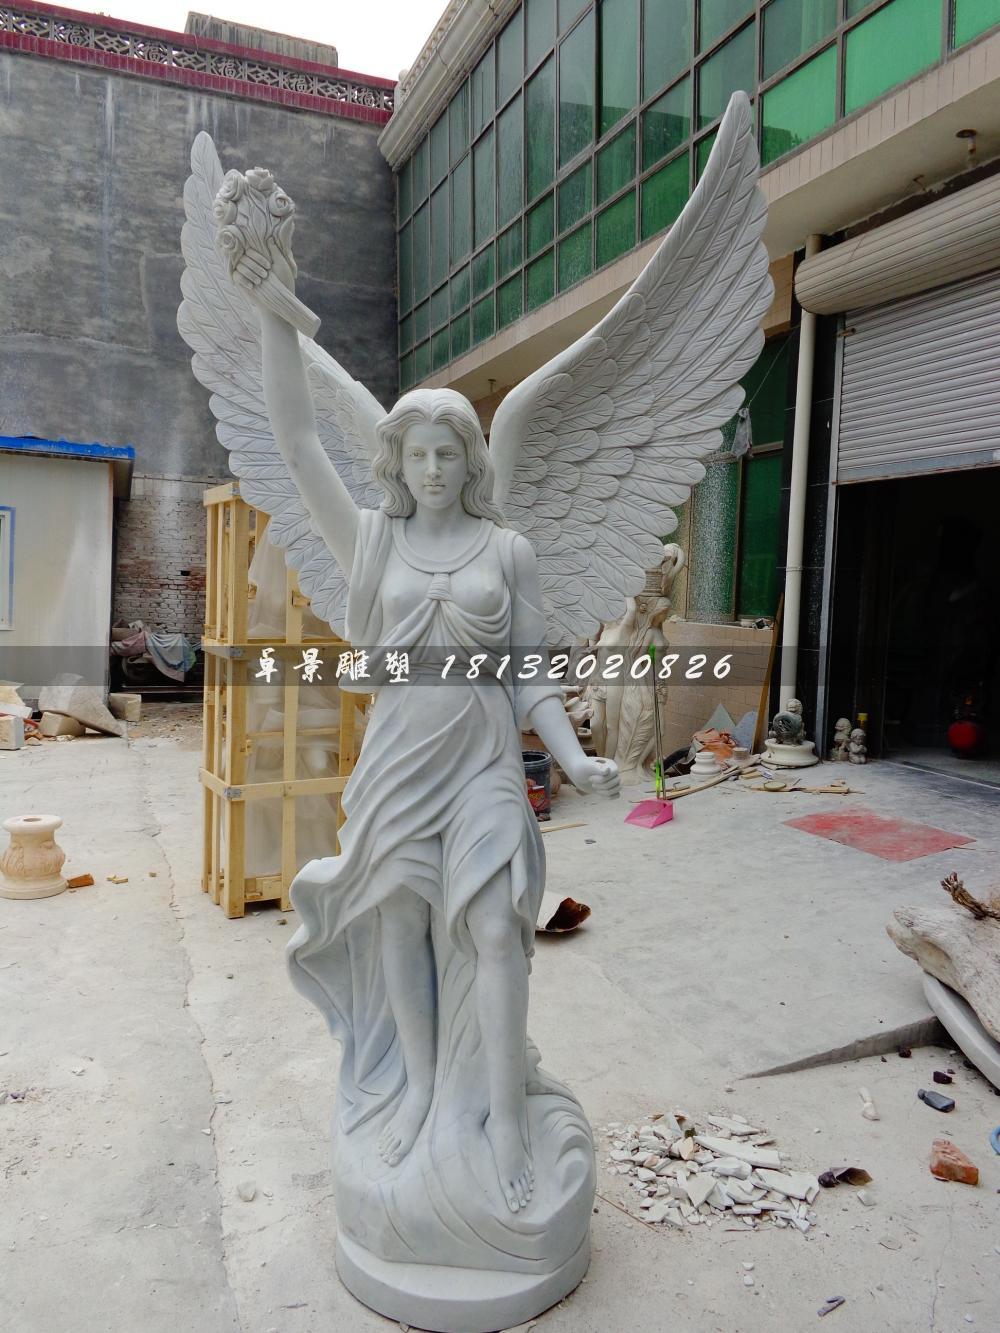 石頭女神雕塑,石雕女生雕塑